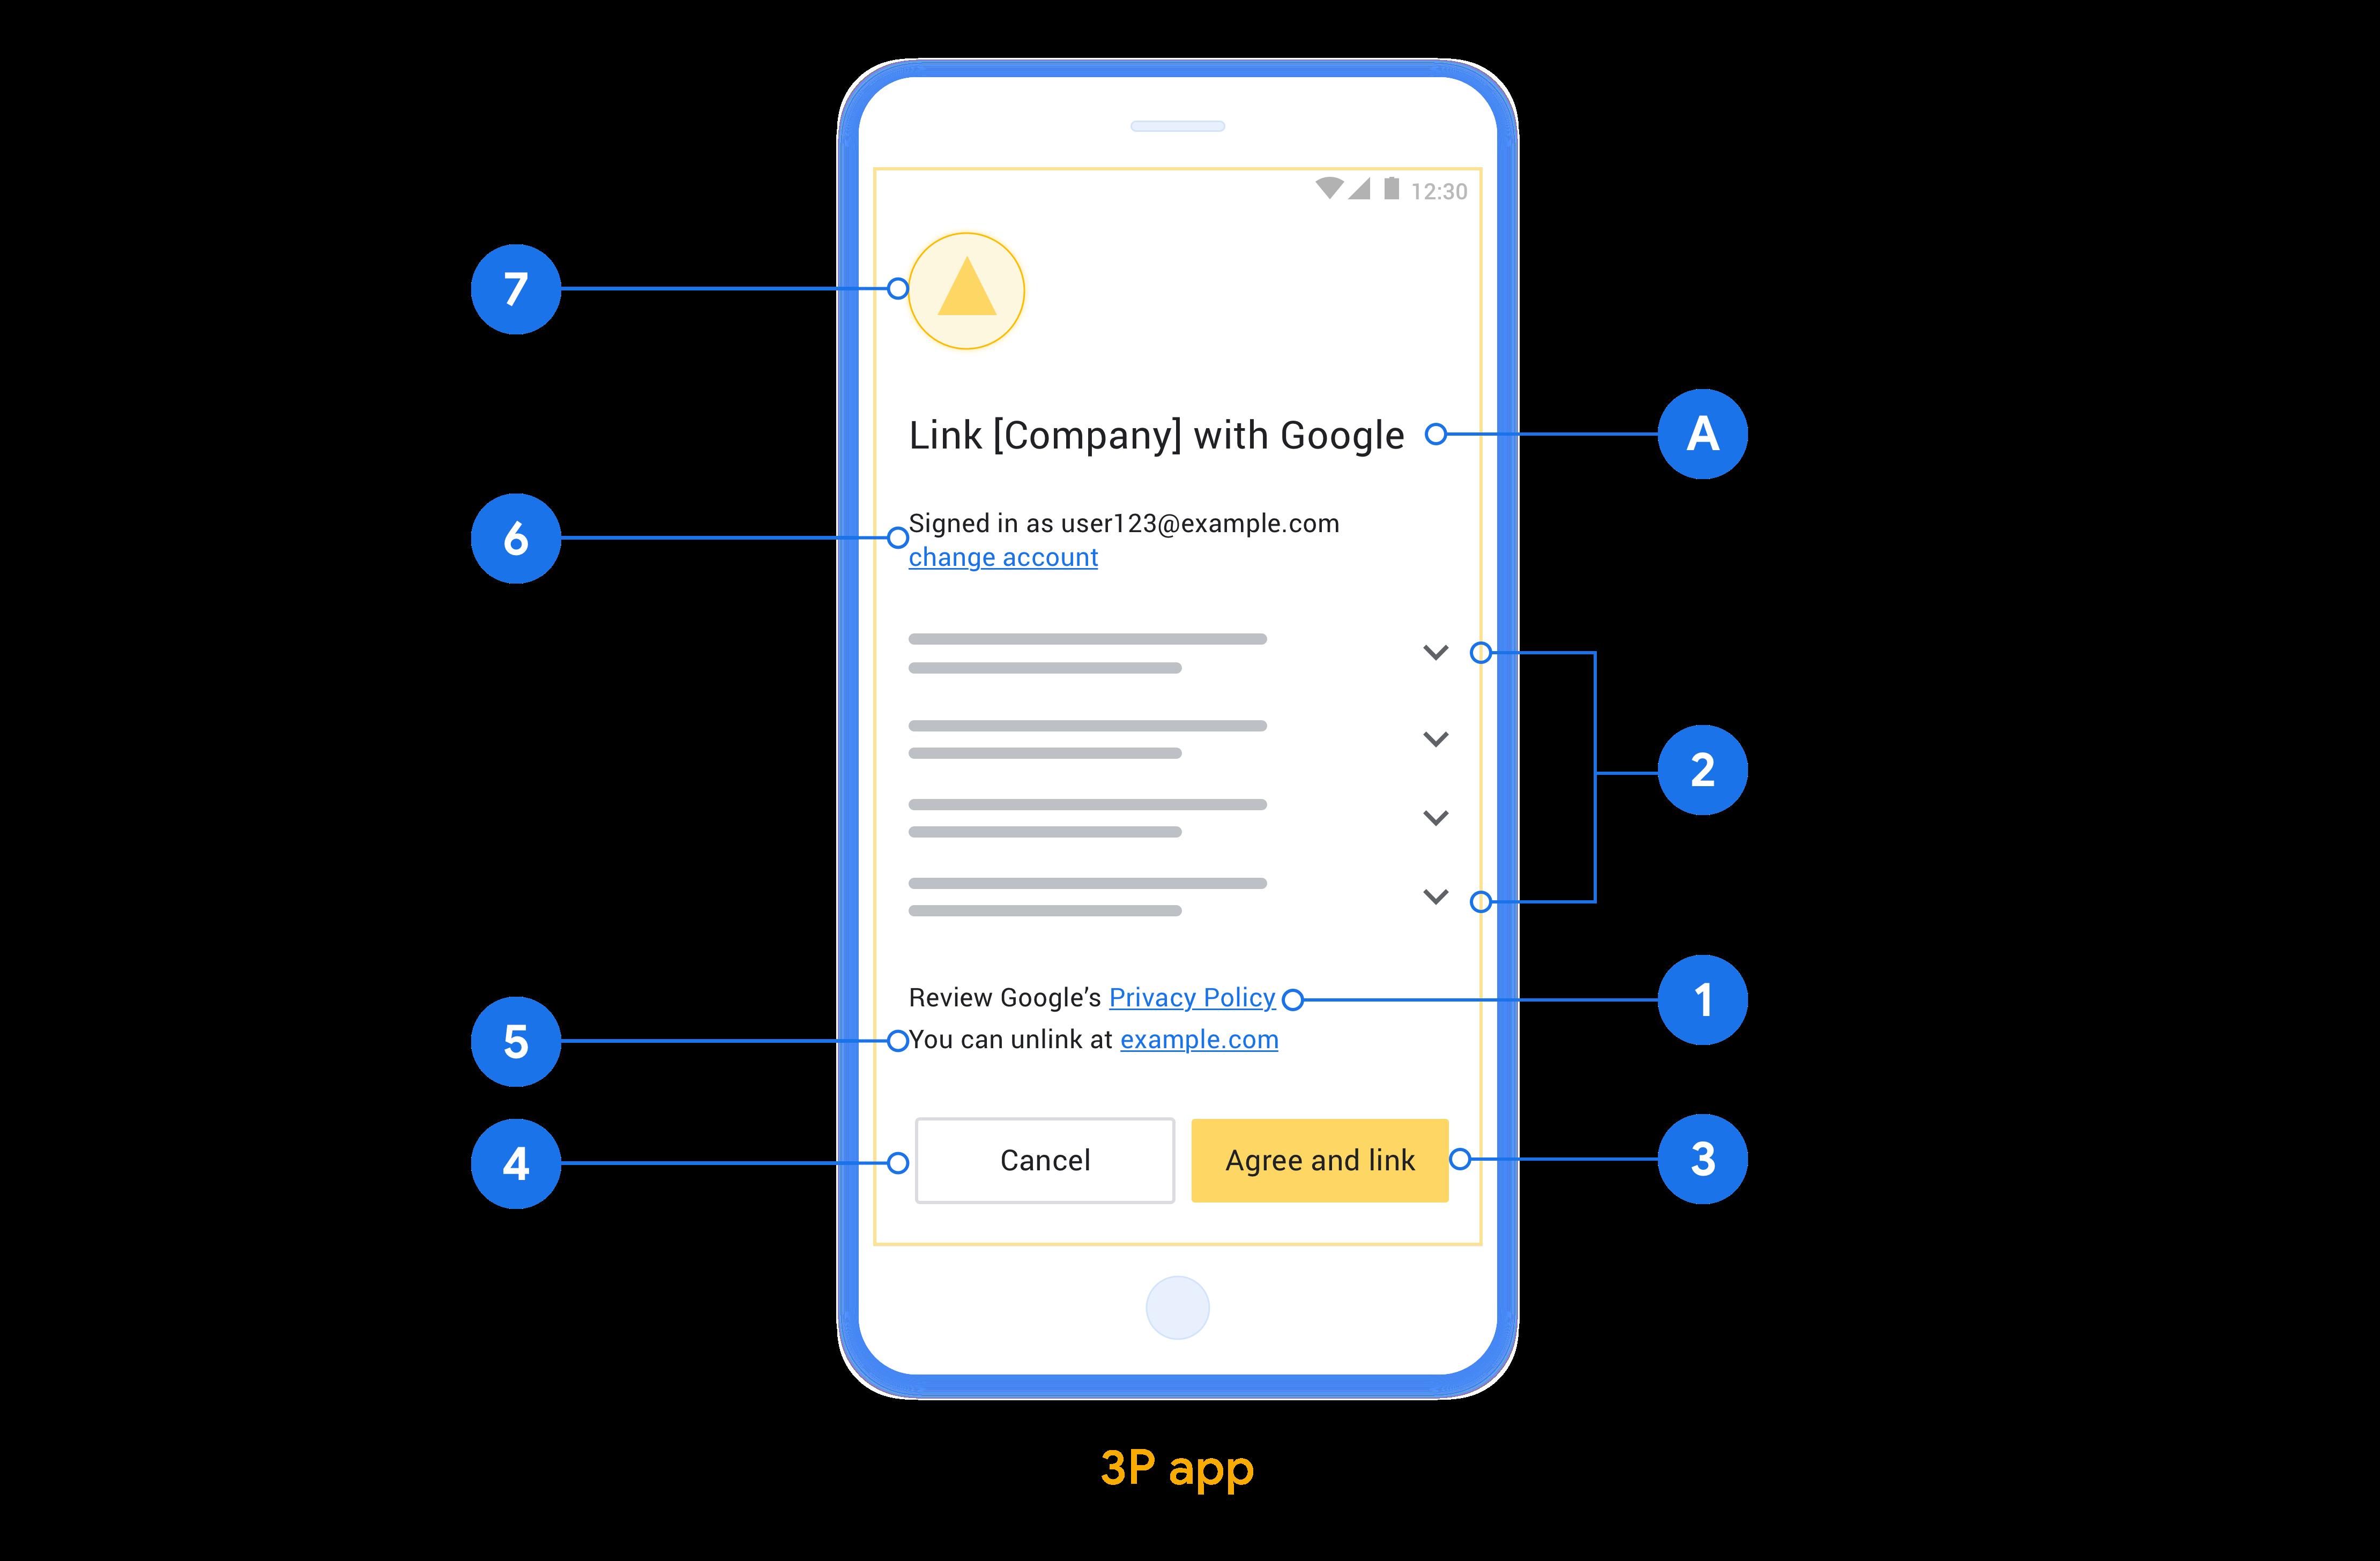 يوضح هذا الشكل مثالاً لشاشة الموافقة مع استدعاءات للمتطلبات والتوصيات الفردية التي يجب اتباعها عند تصميم شاشة موافقة المستخدم.